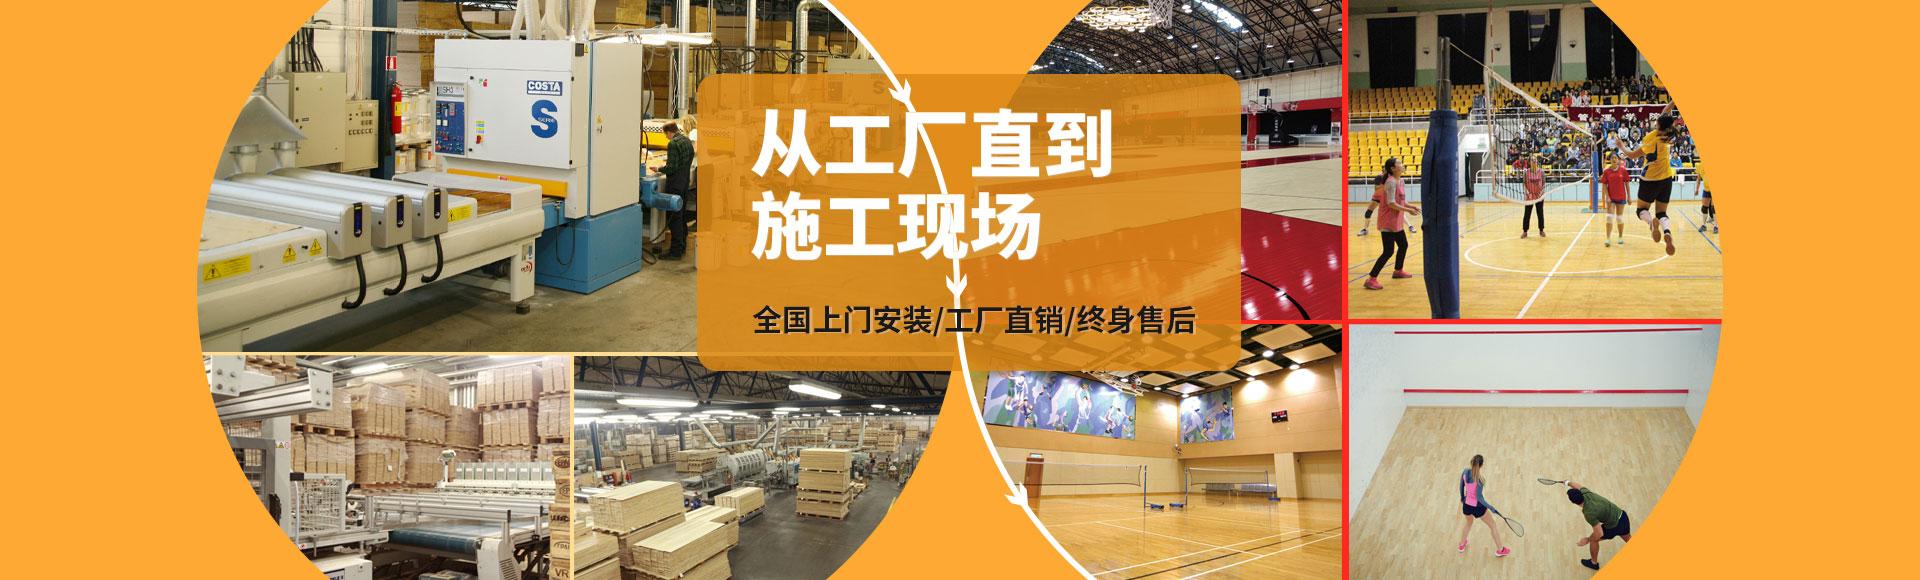 篮球木地板厂家 体育木地板厂家 舞台木地板厂家-凯洁地板